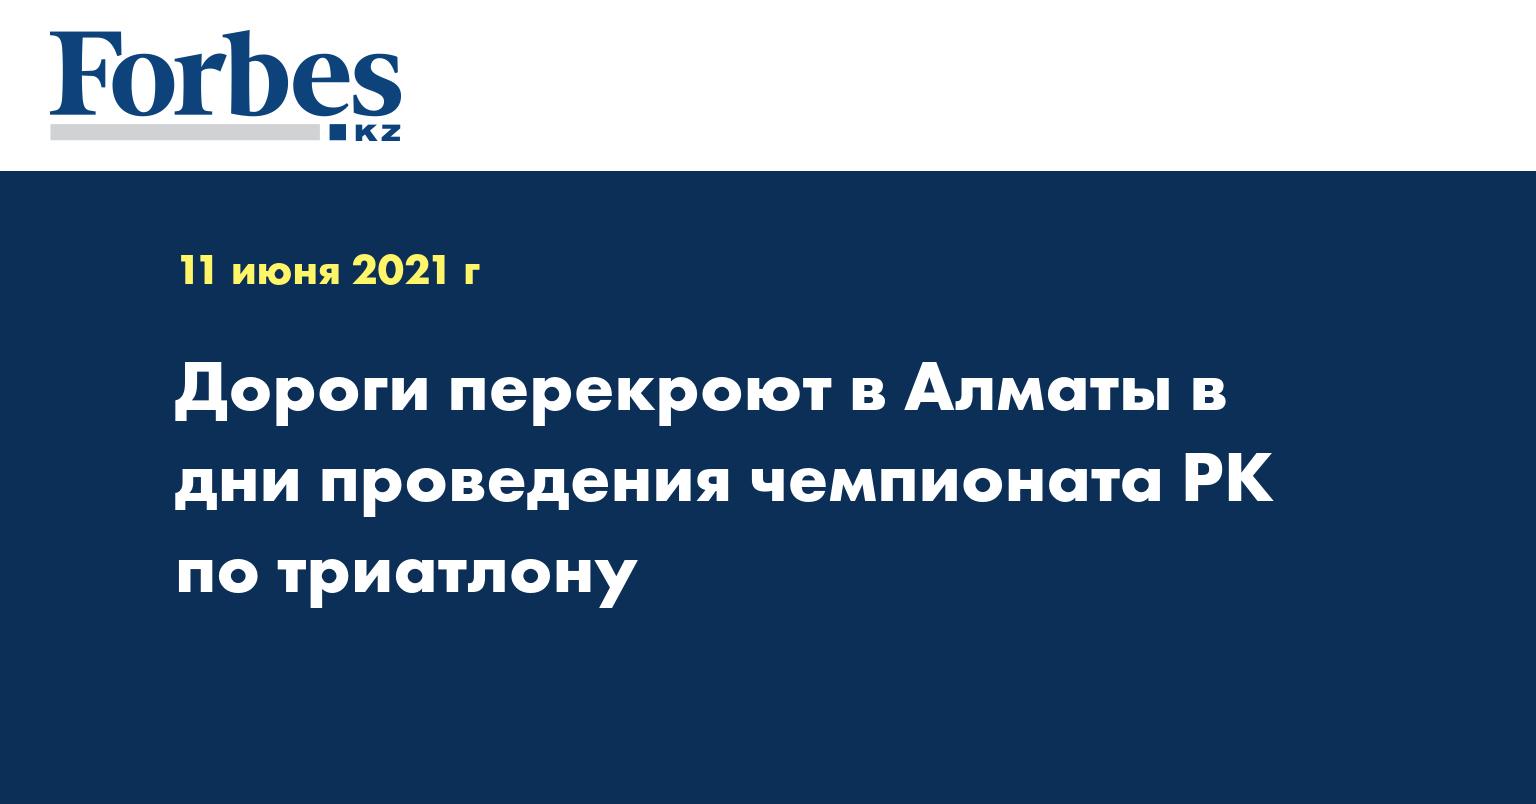 Дороги перекроют в Алматы в дни проведения чемпионата РК по триатлону